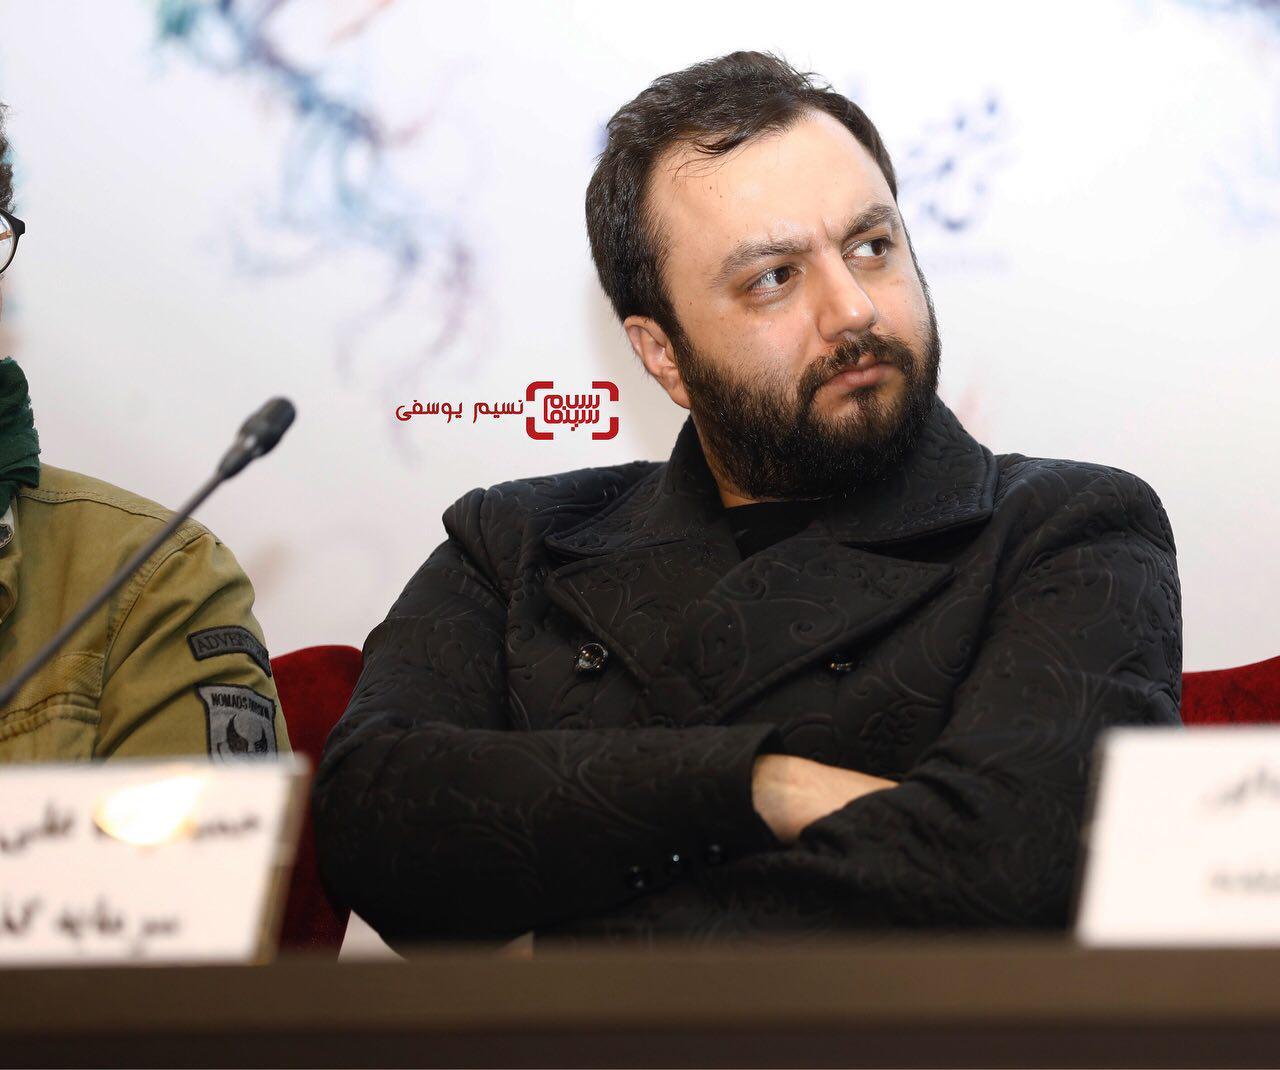 گزارش تصویری اکران و نشست فیلم «هایلایت» در جشنواره فیلم فجر36